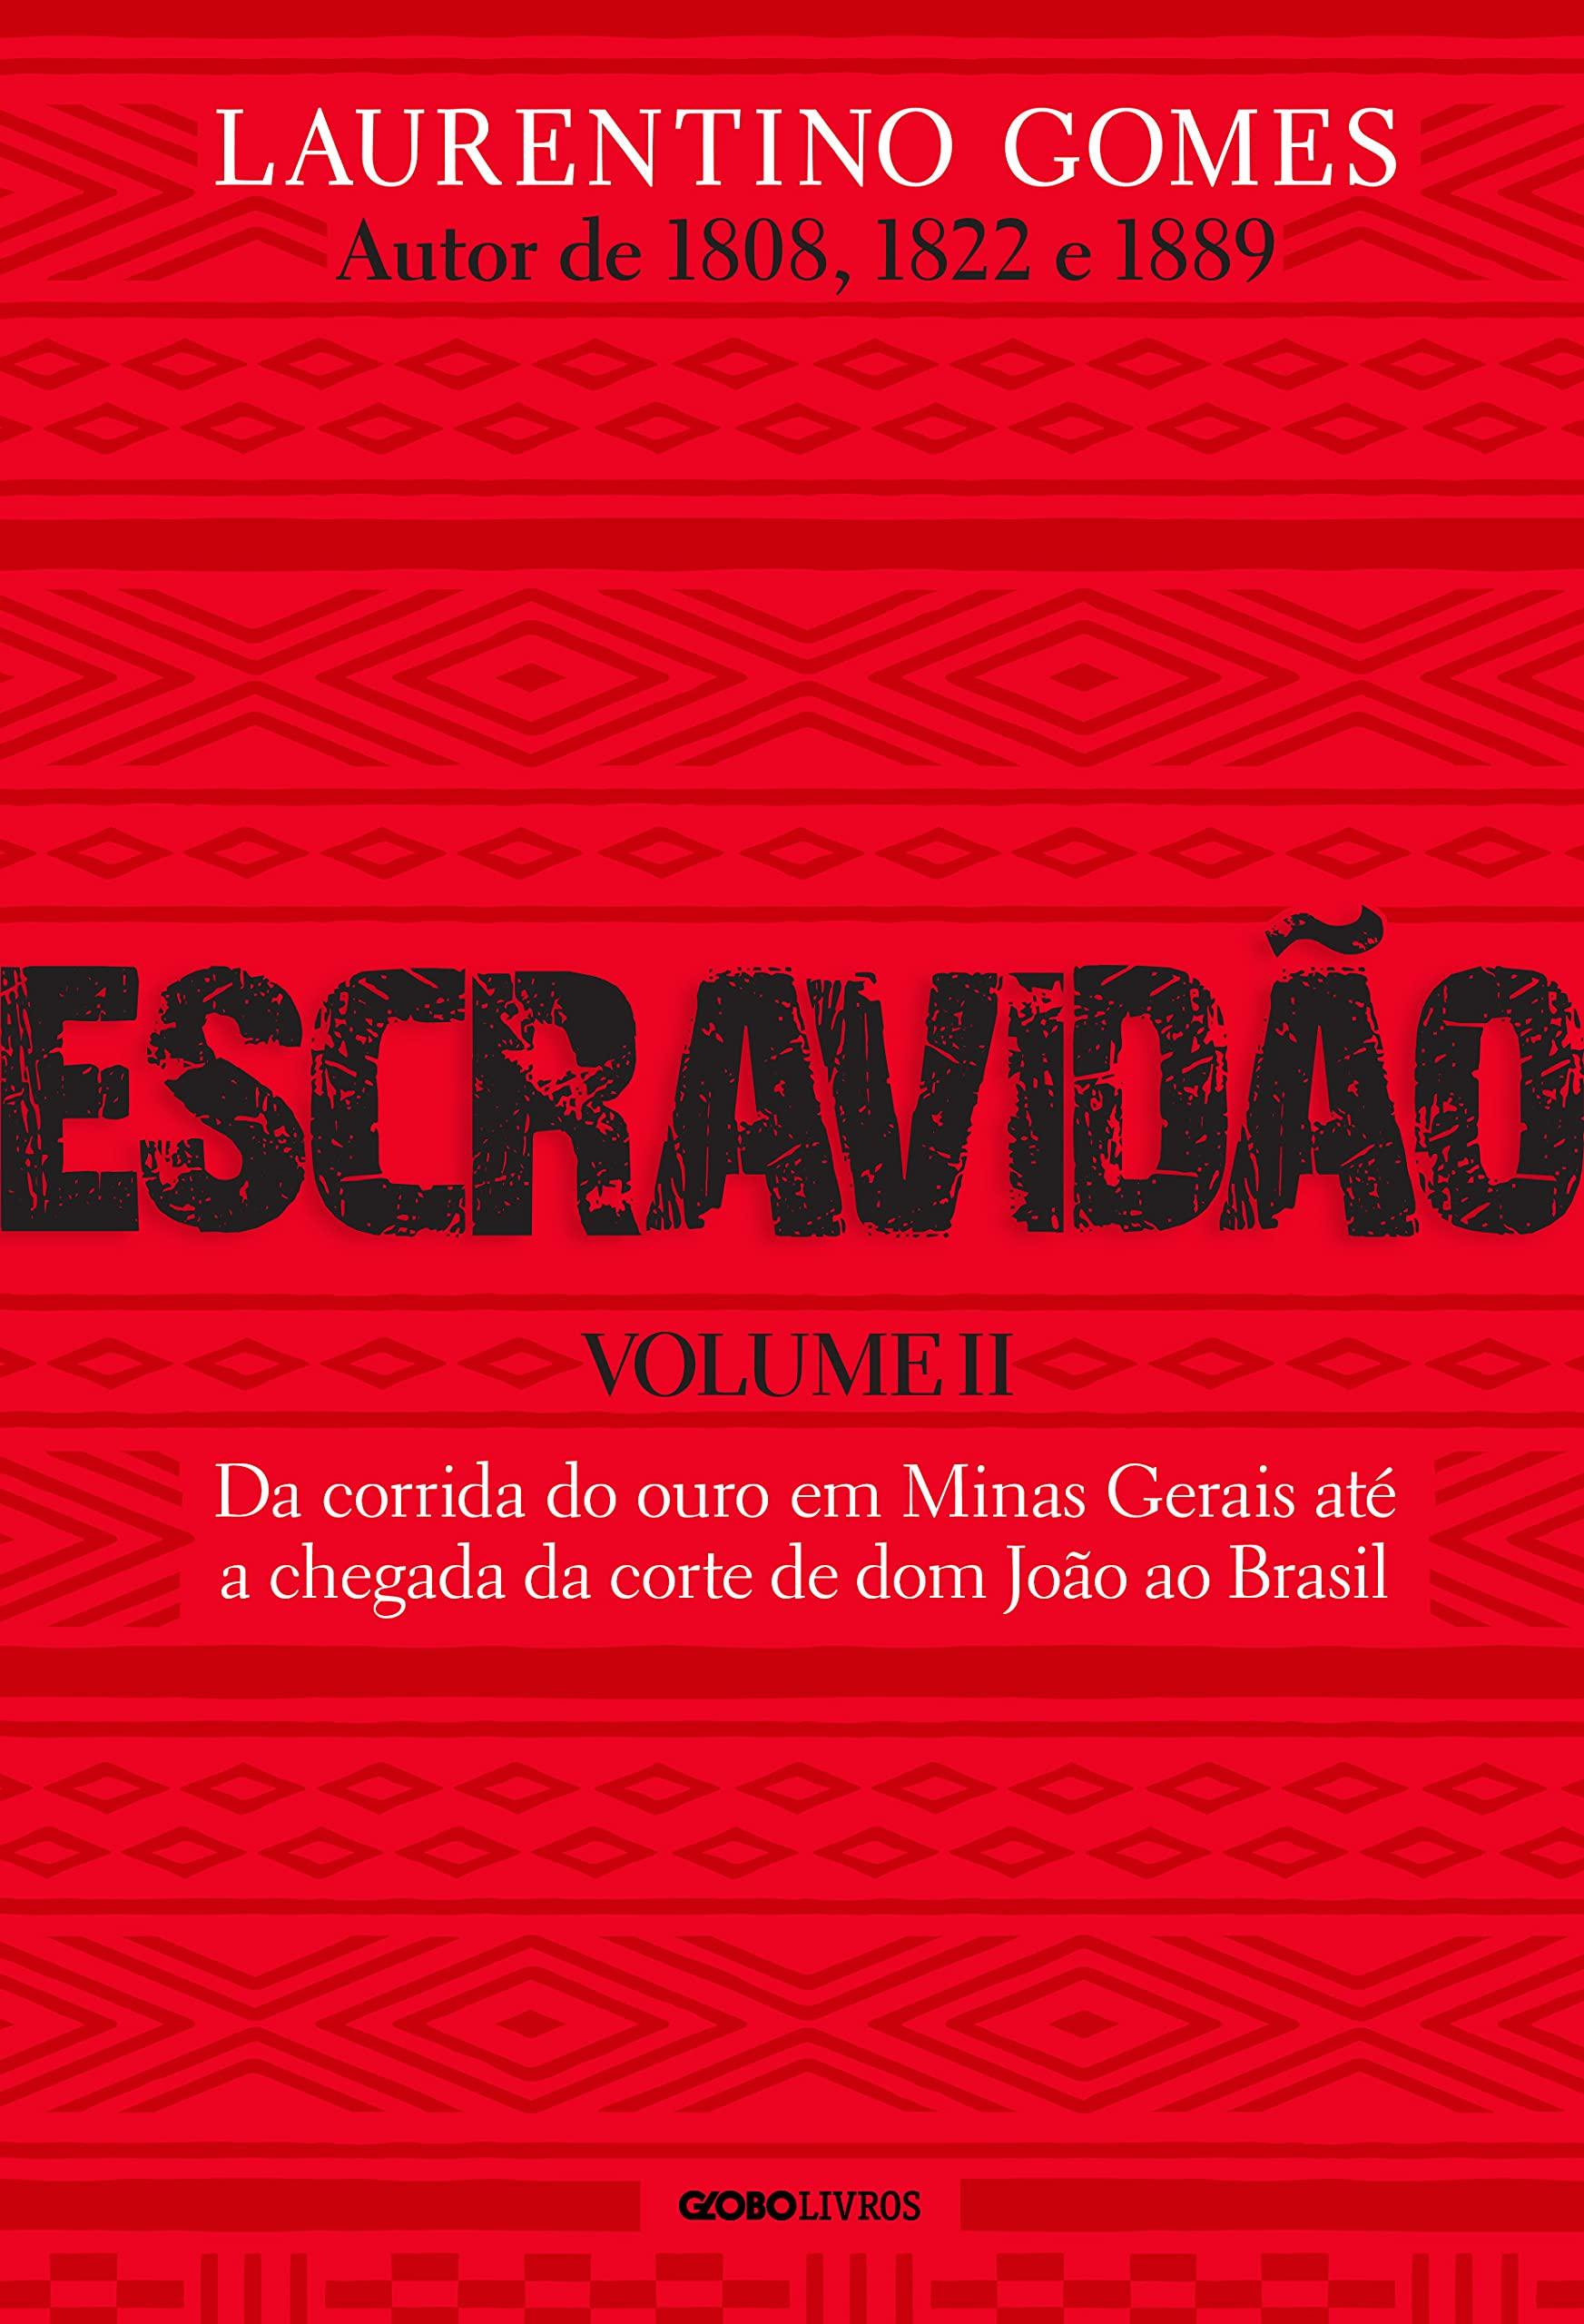 Escravidão - Volume II